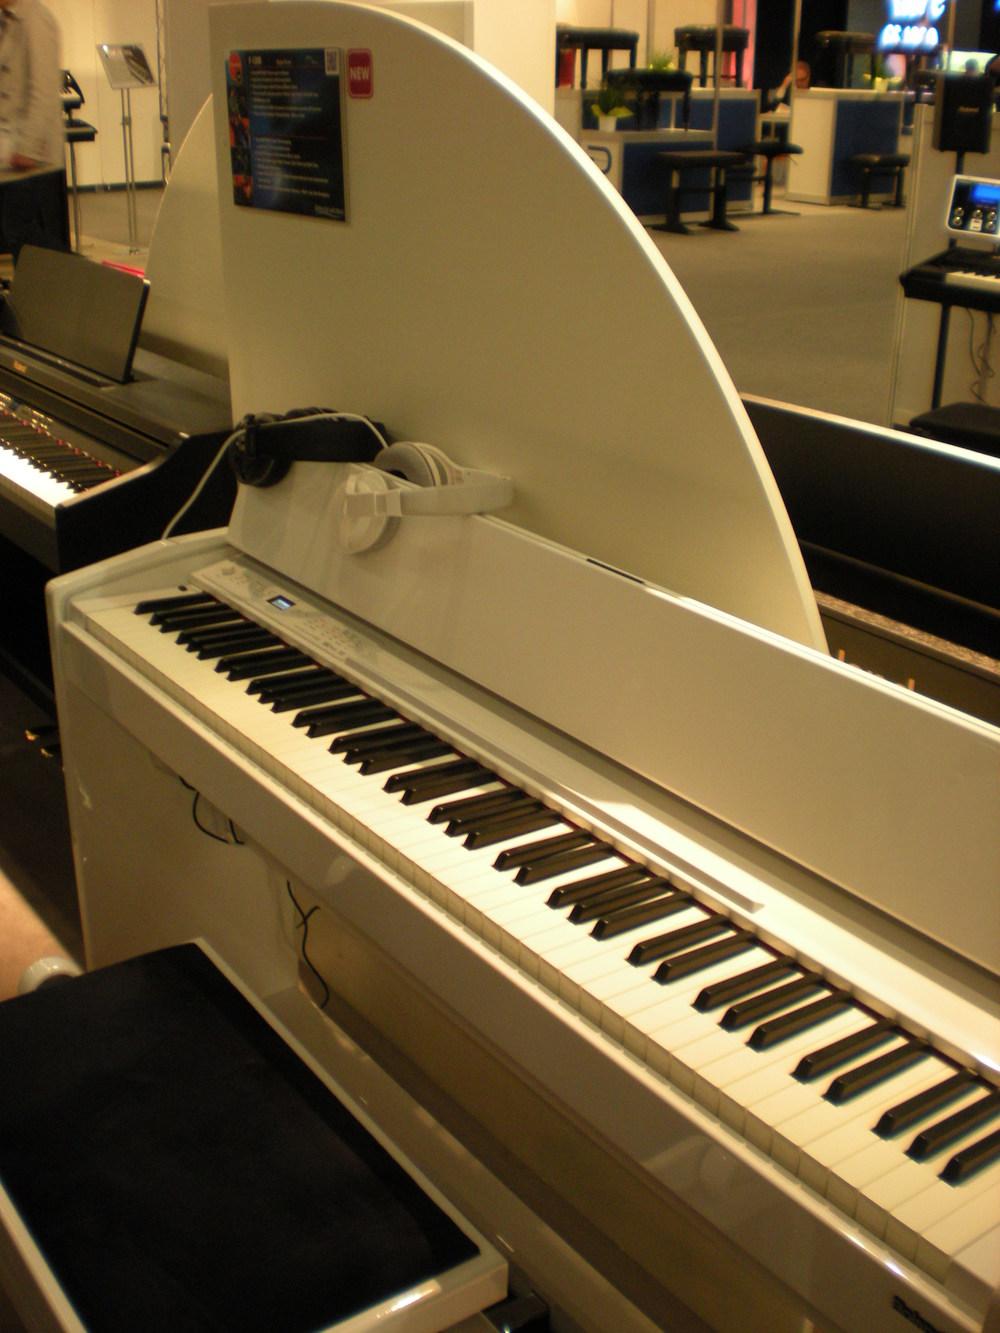 Comment choisir la marque d un piano num rique elpiano les pianos c est - Comment choisir un piano ...